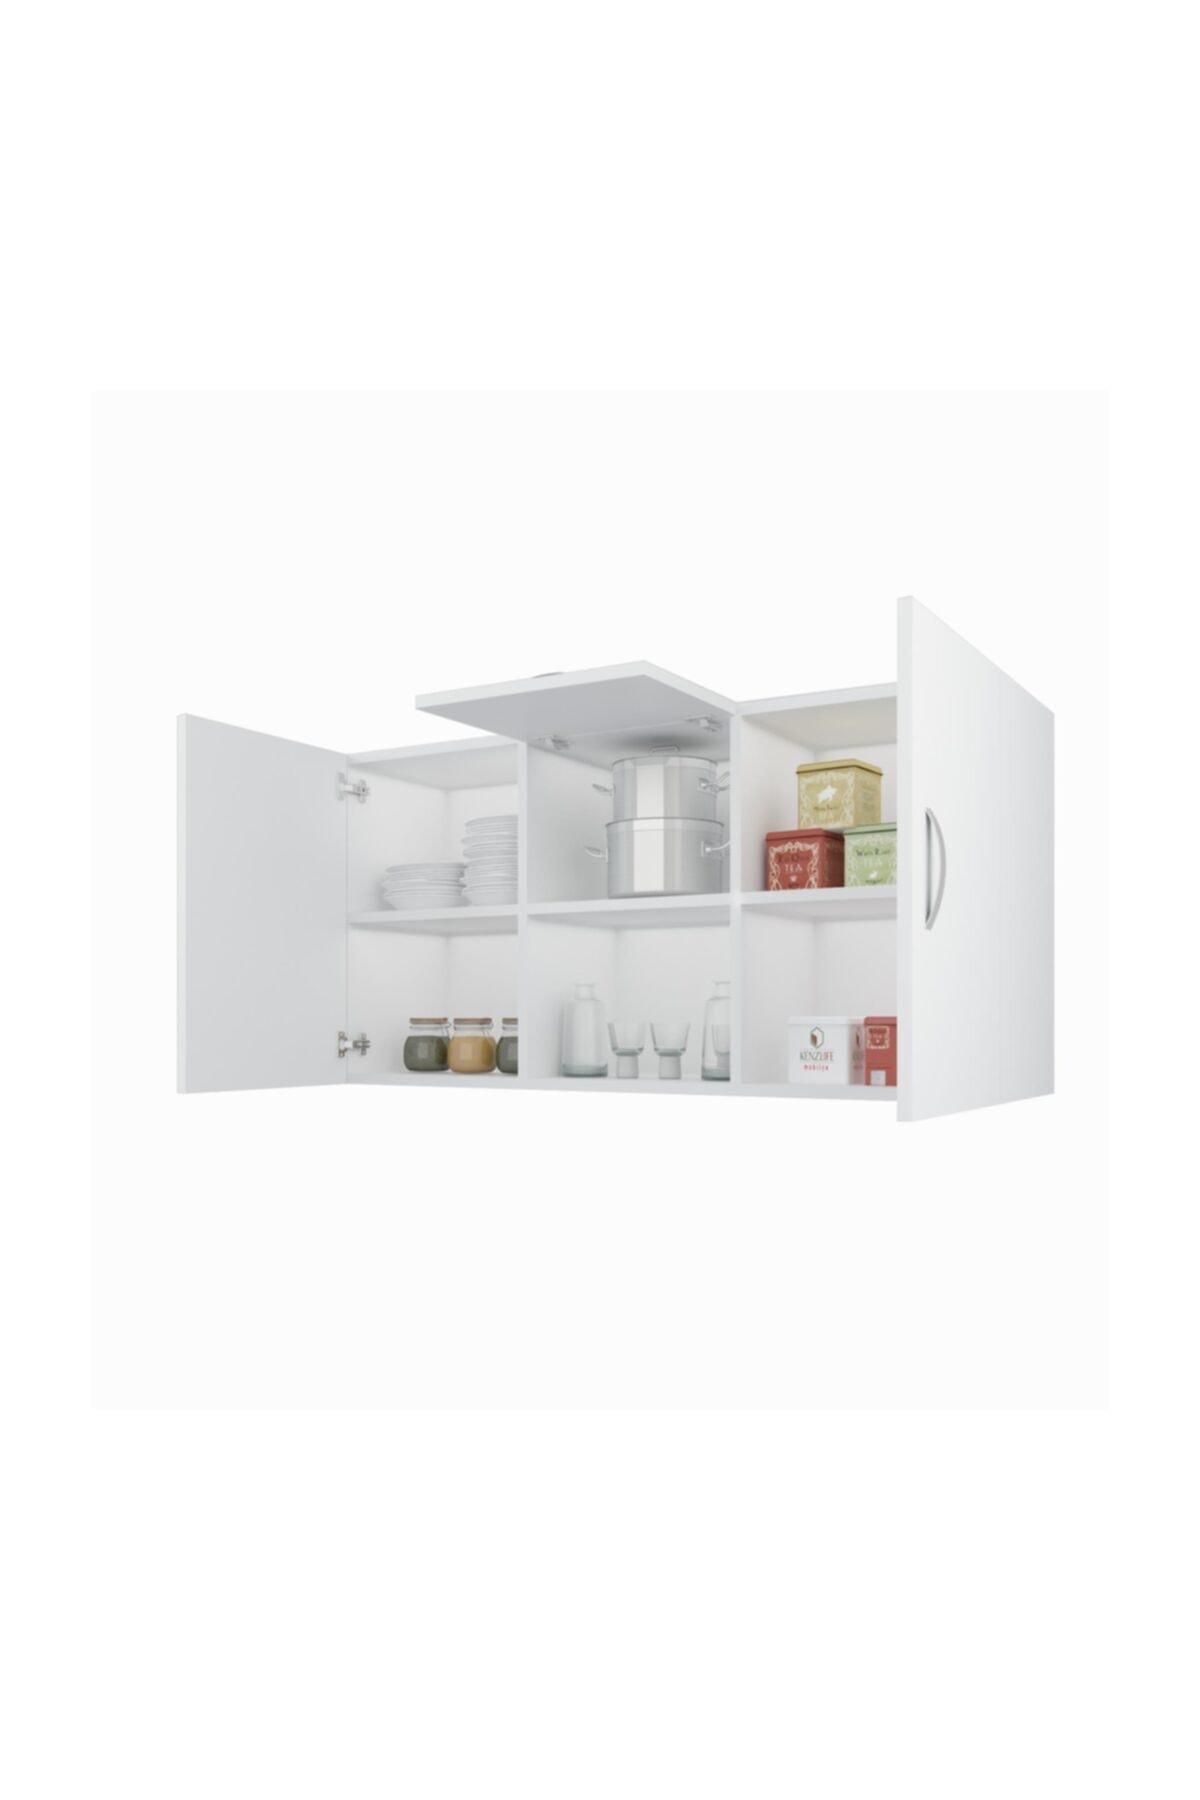 Banyo Dolabı Nadya Byz 060*120*22 Mutfak Ofis Dolabı Kitaplık Kapaklı Raflı